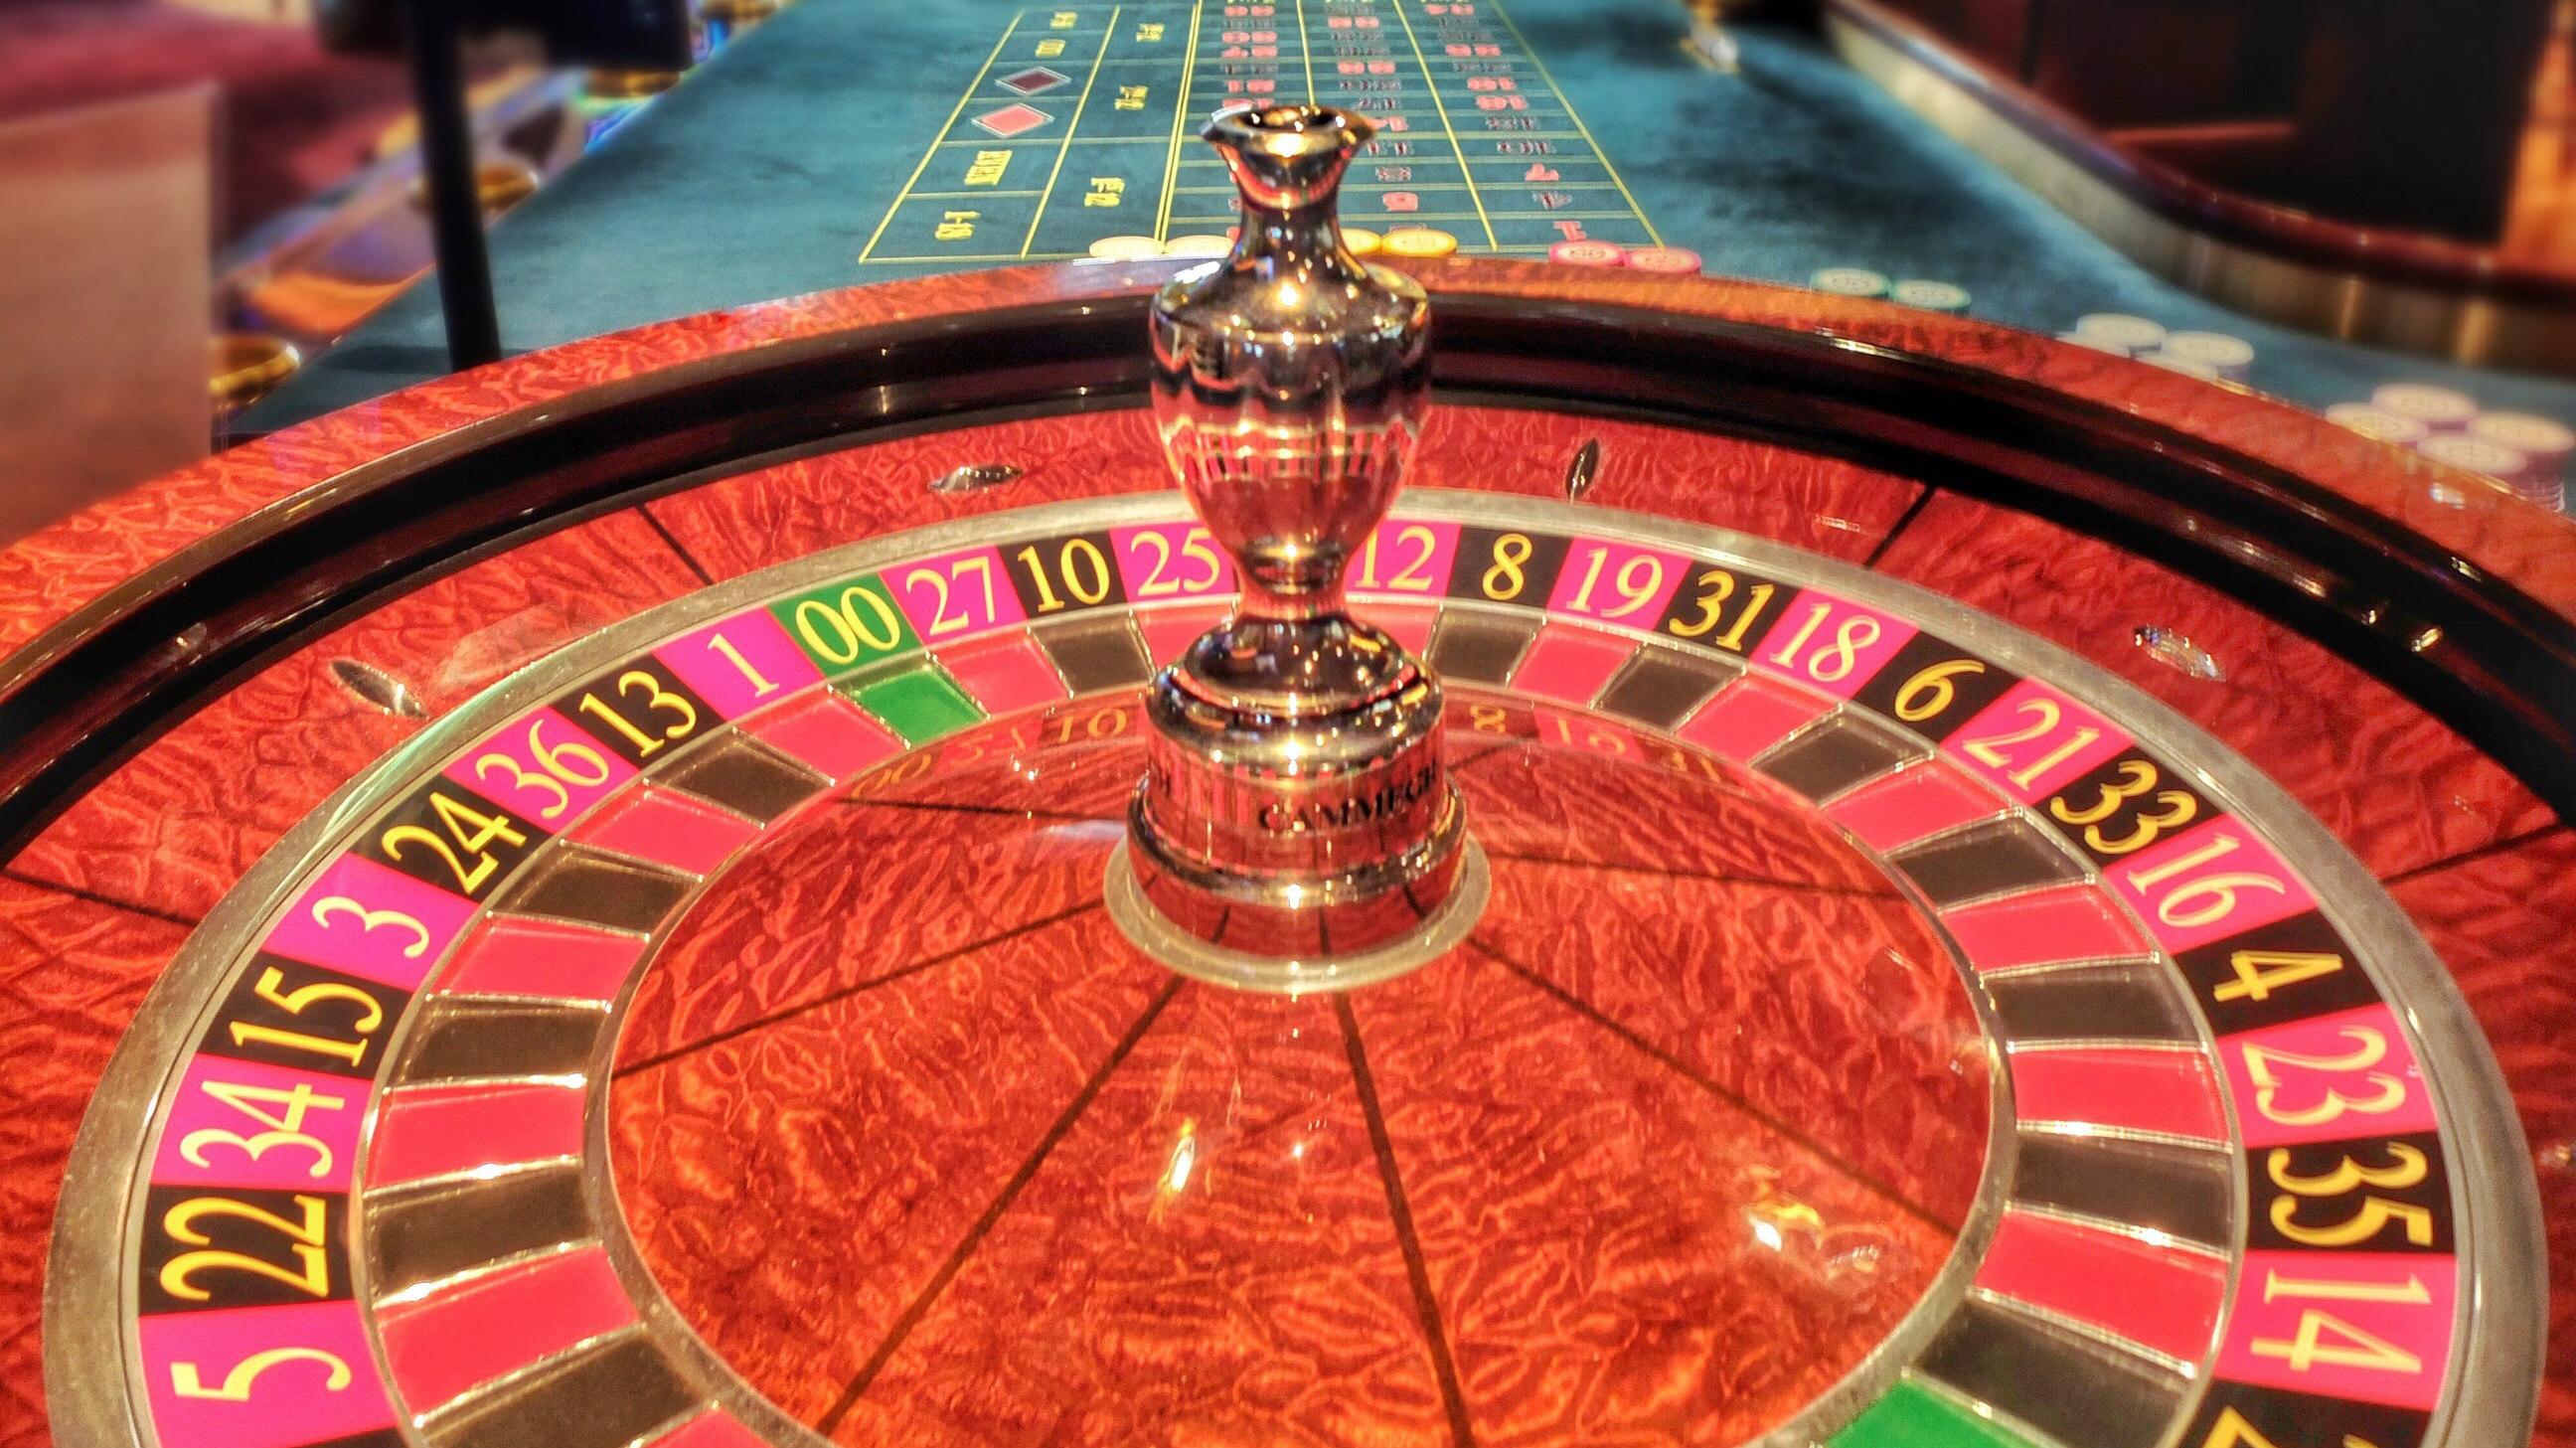 Череповчанин организовал казино в съемной квартире